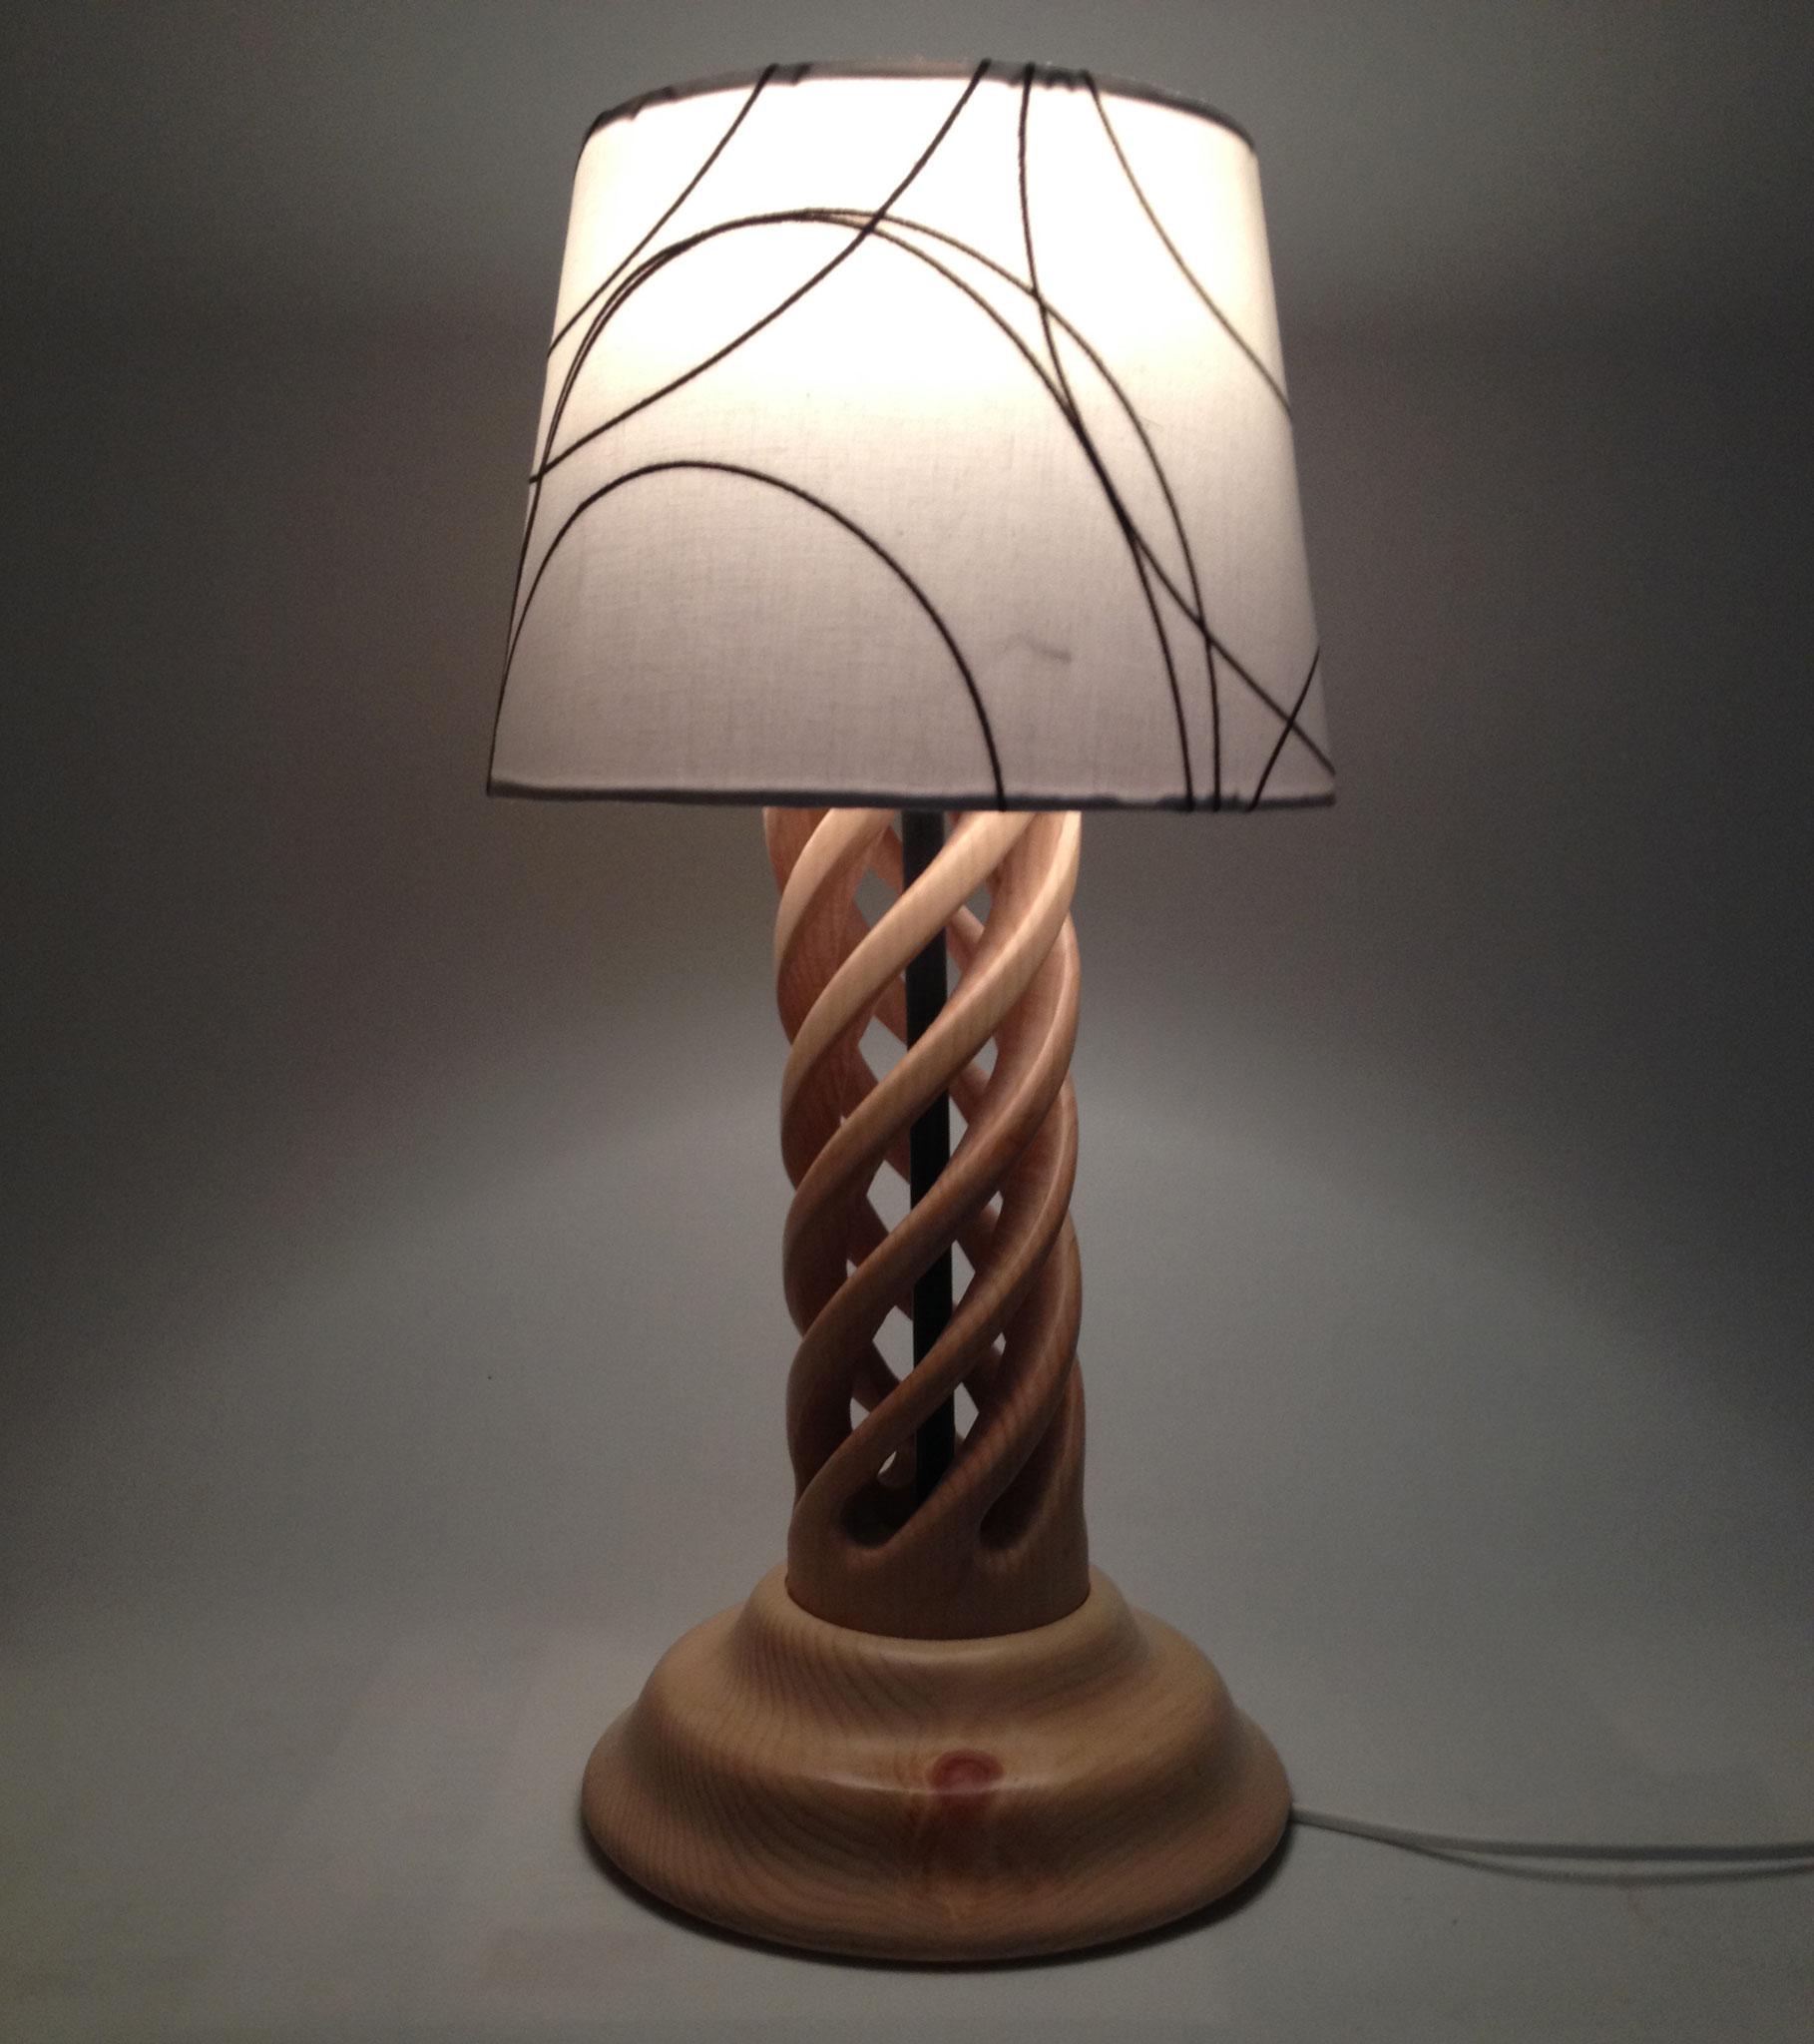 Stehlampe mit gewundenem Fuß 1